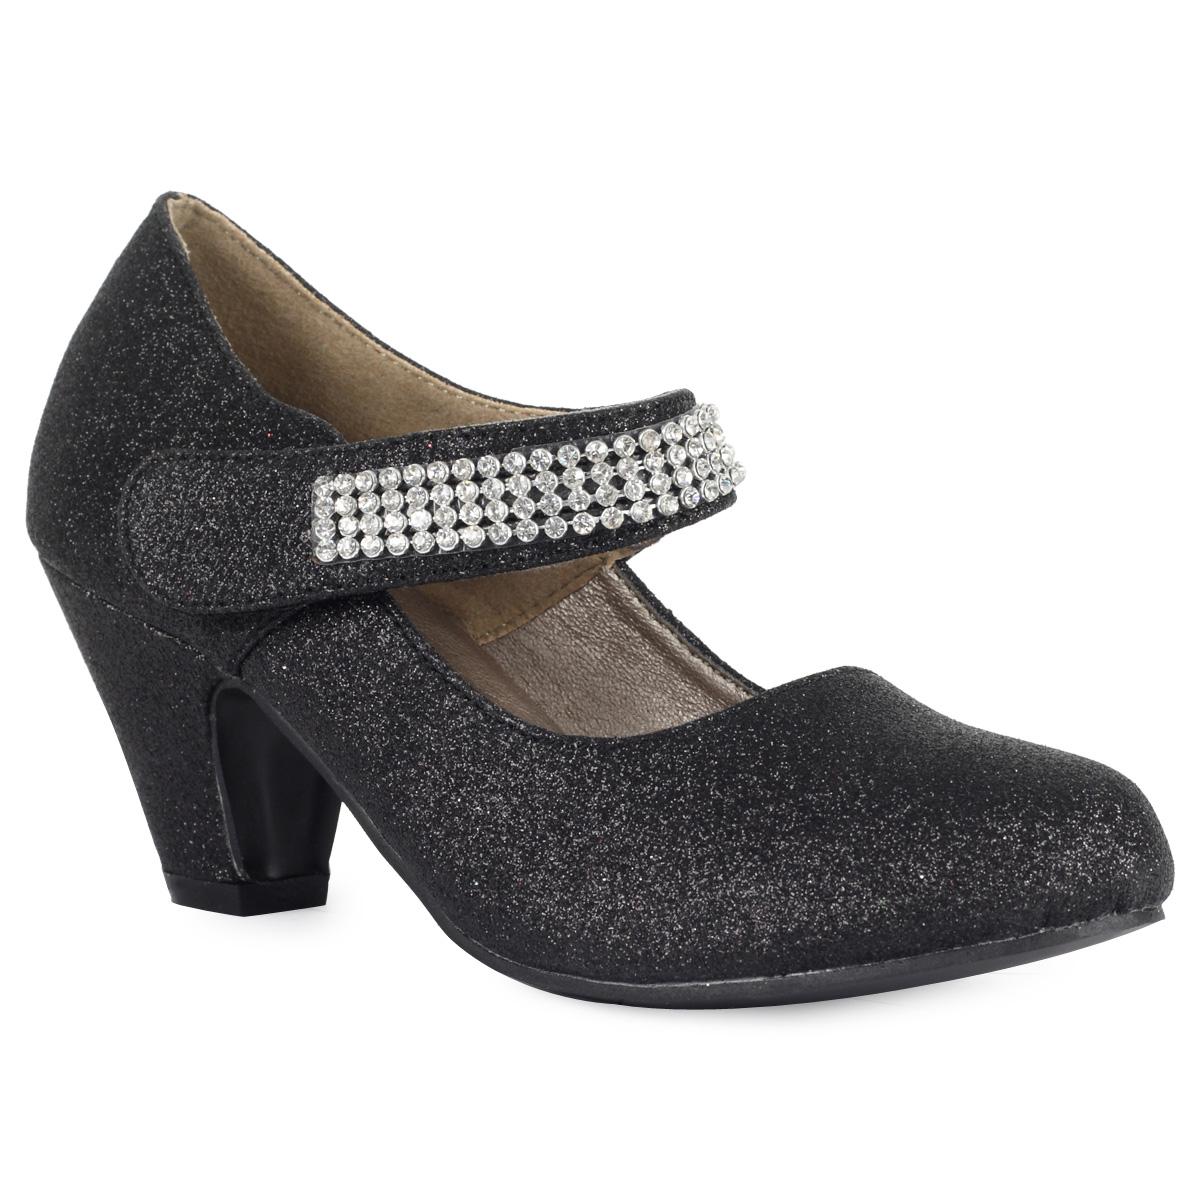 glittery black small heel diamante